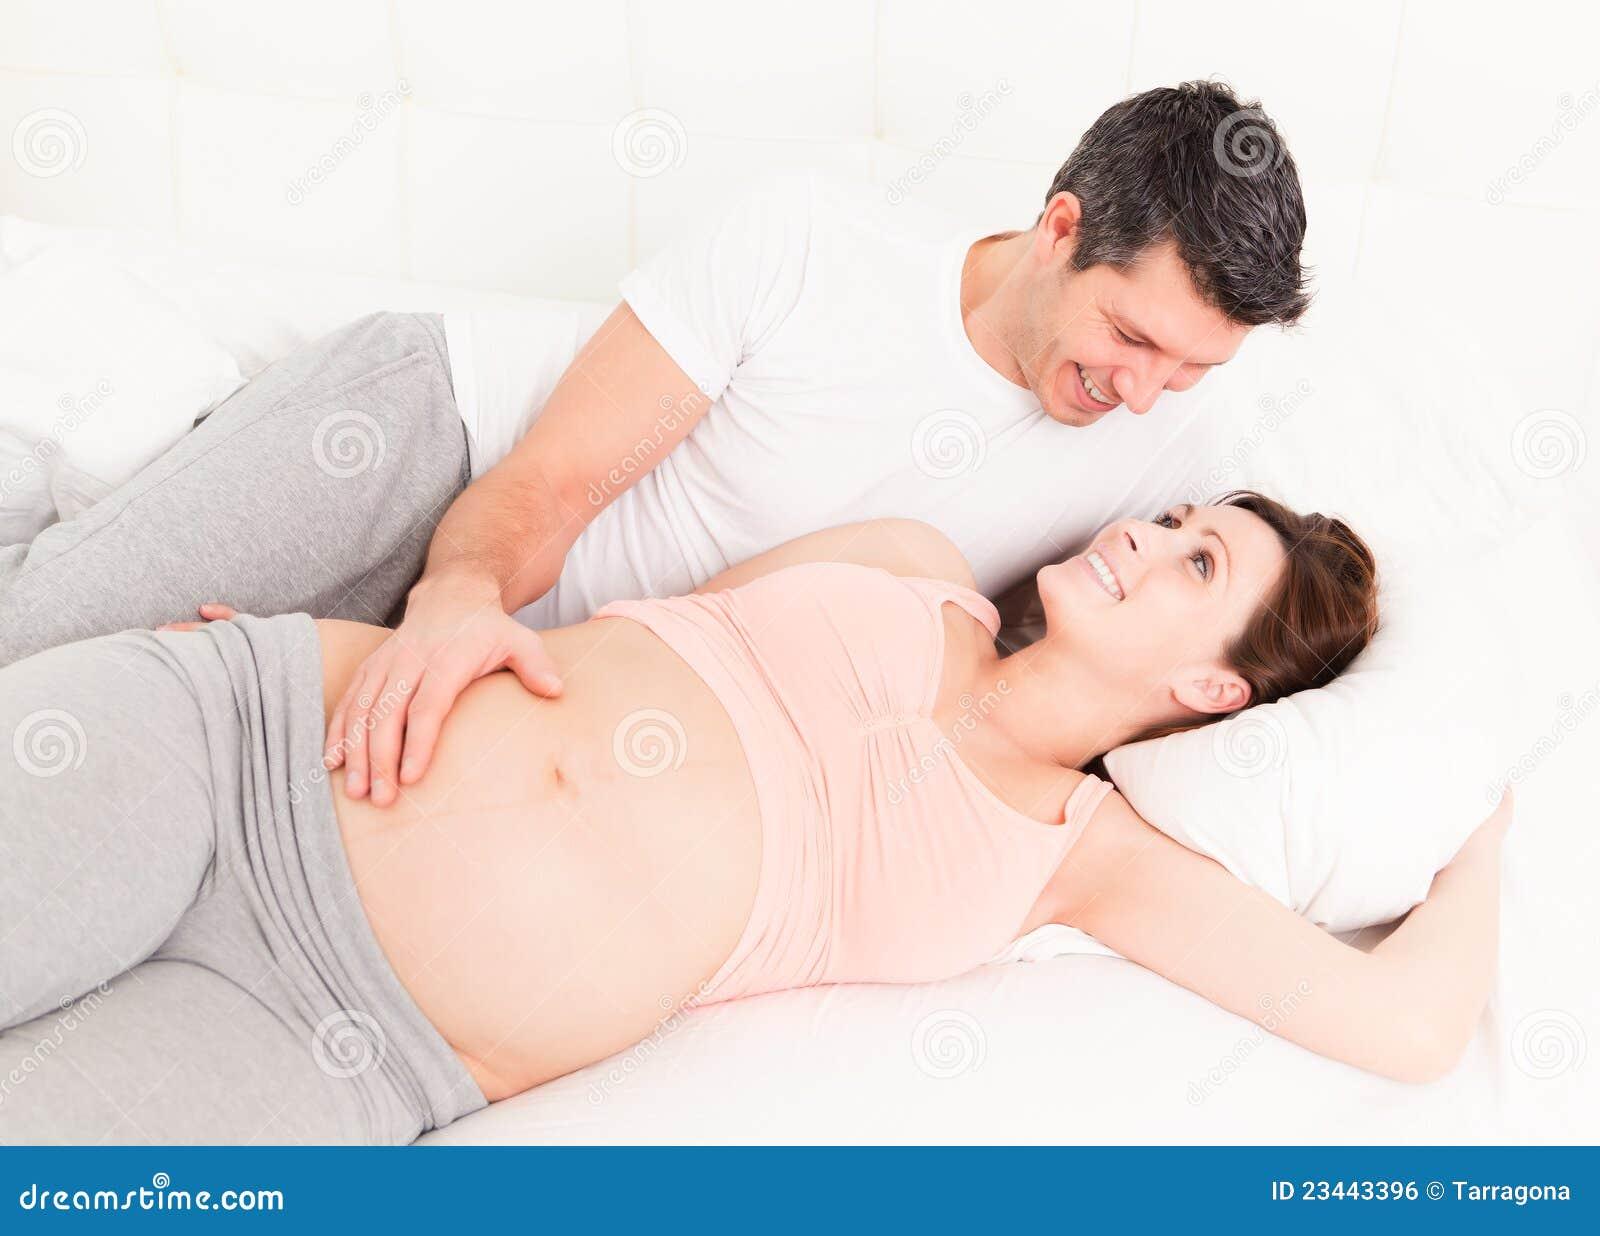 Когда секс во время беременности противопоказан